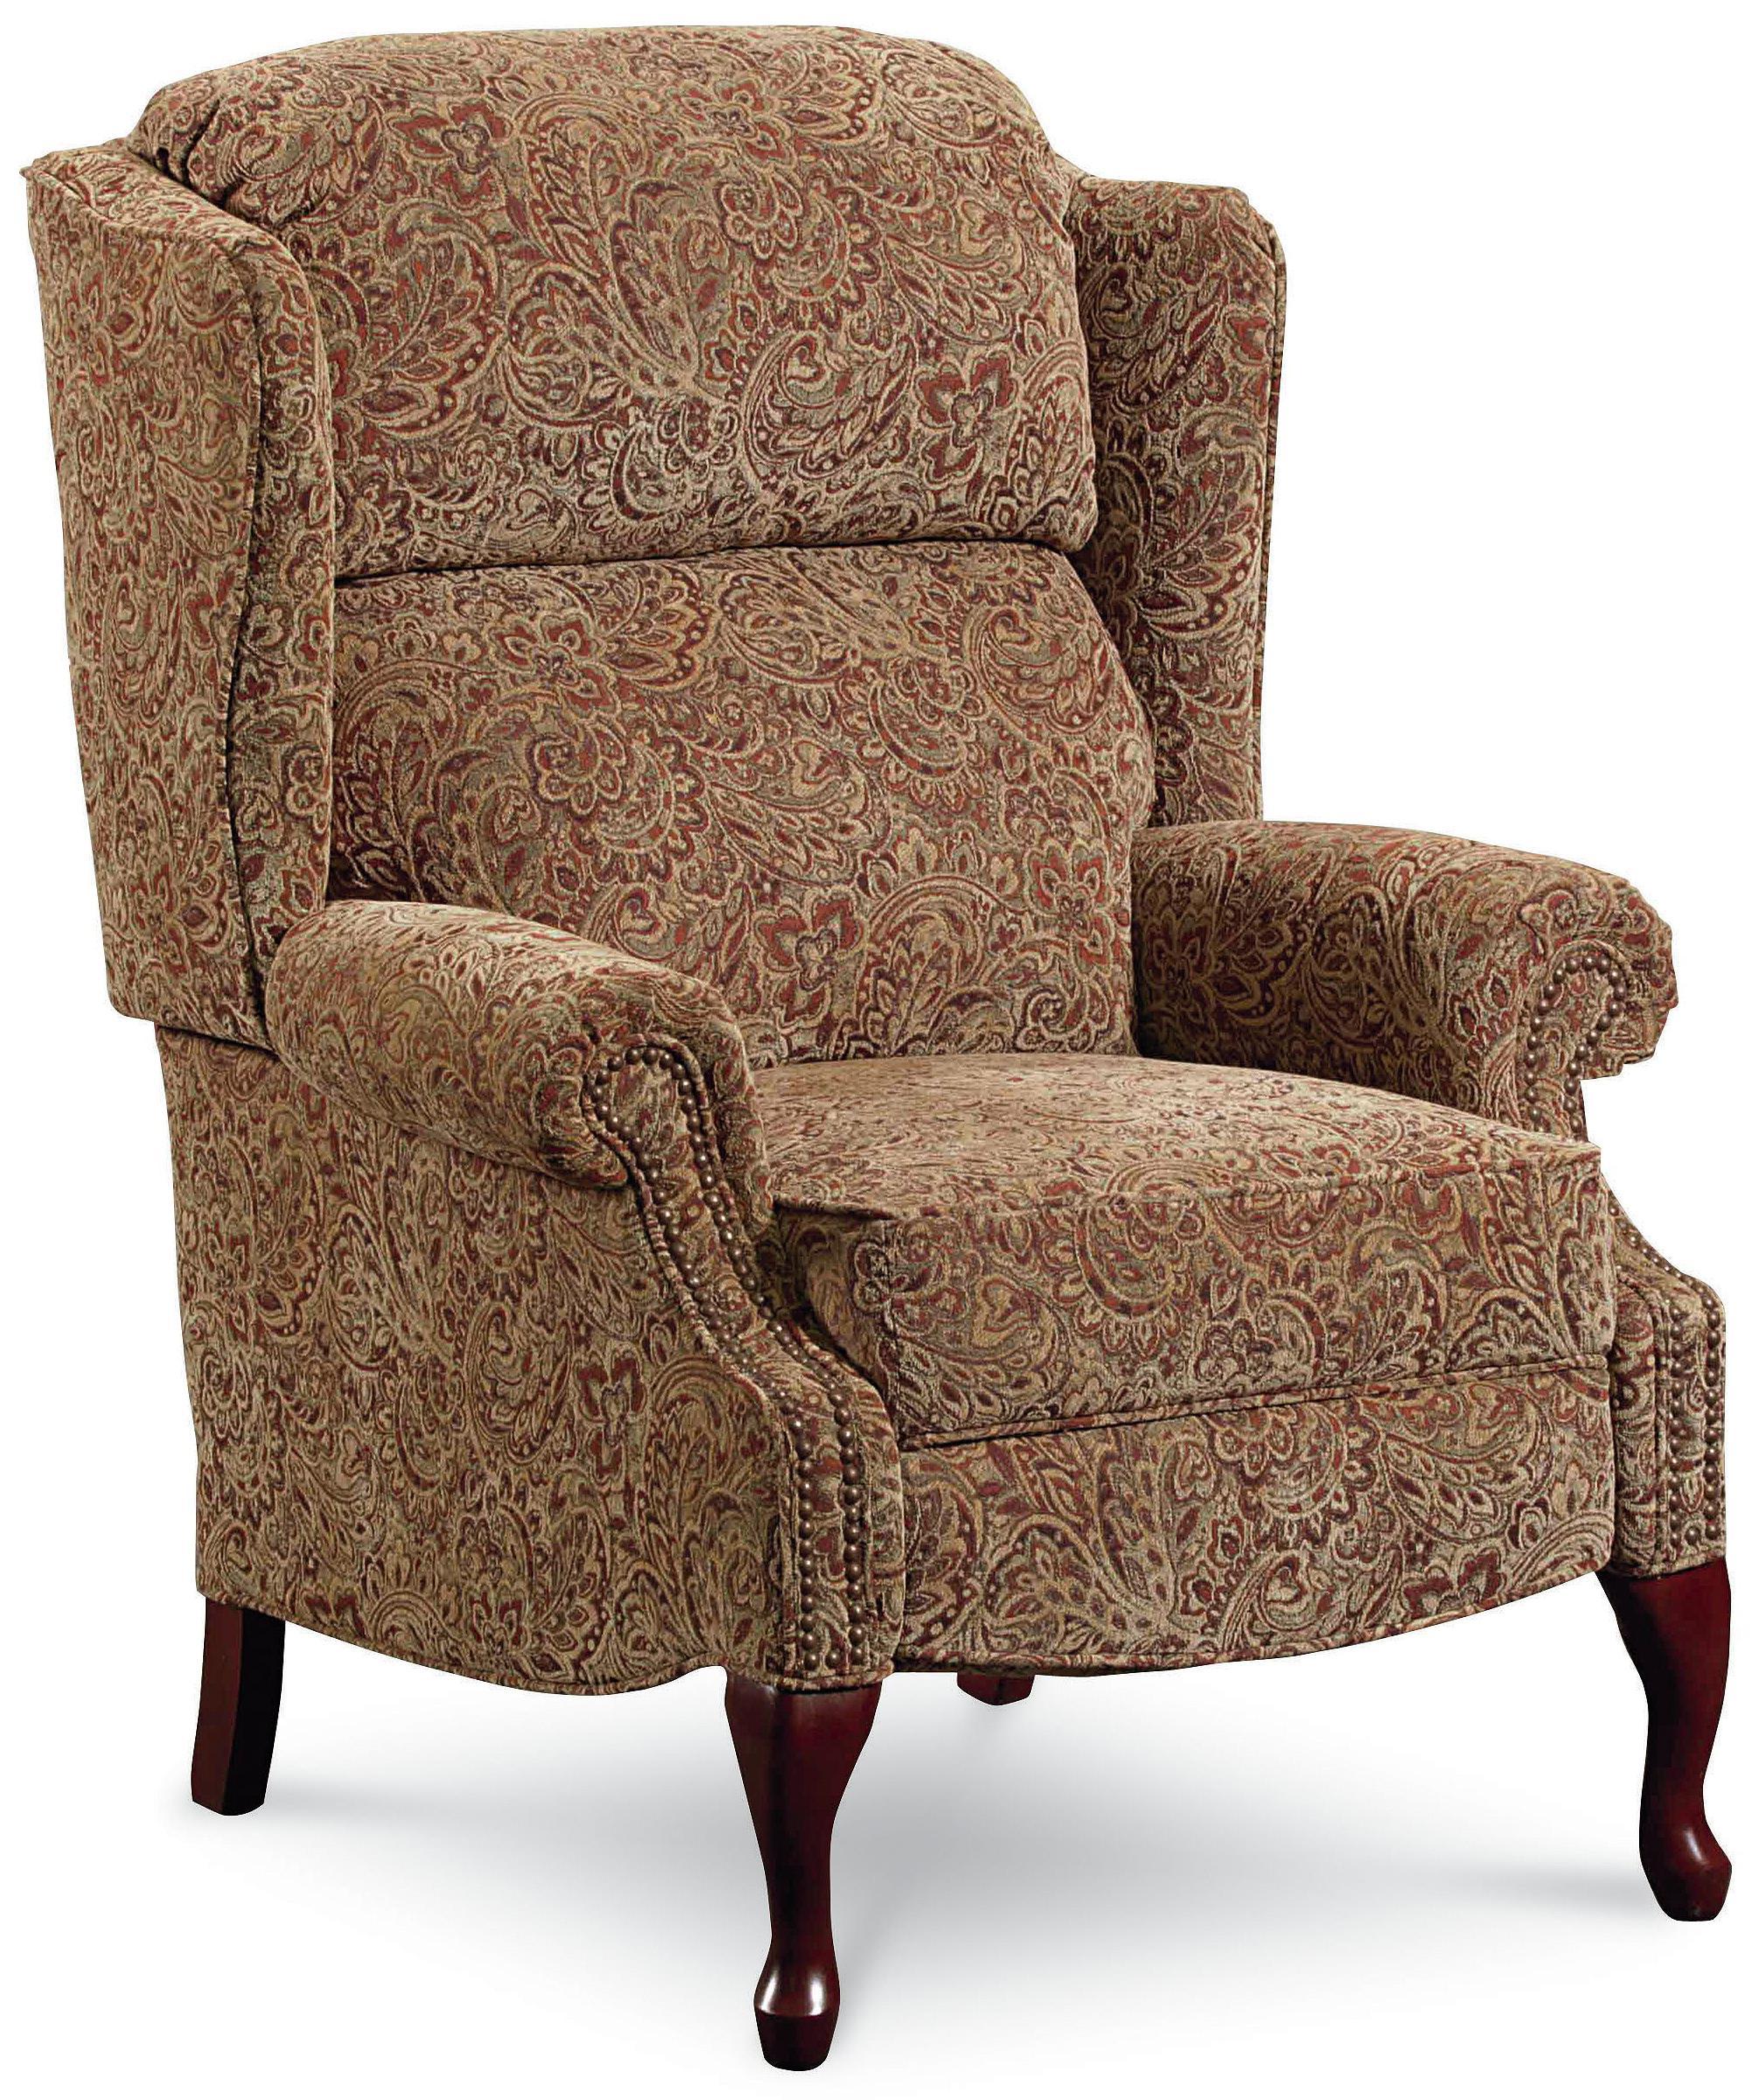 High Leg Wing Back Recliner Chair